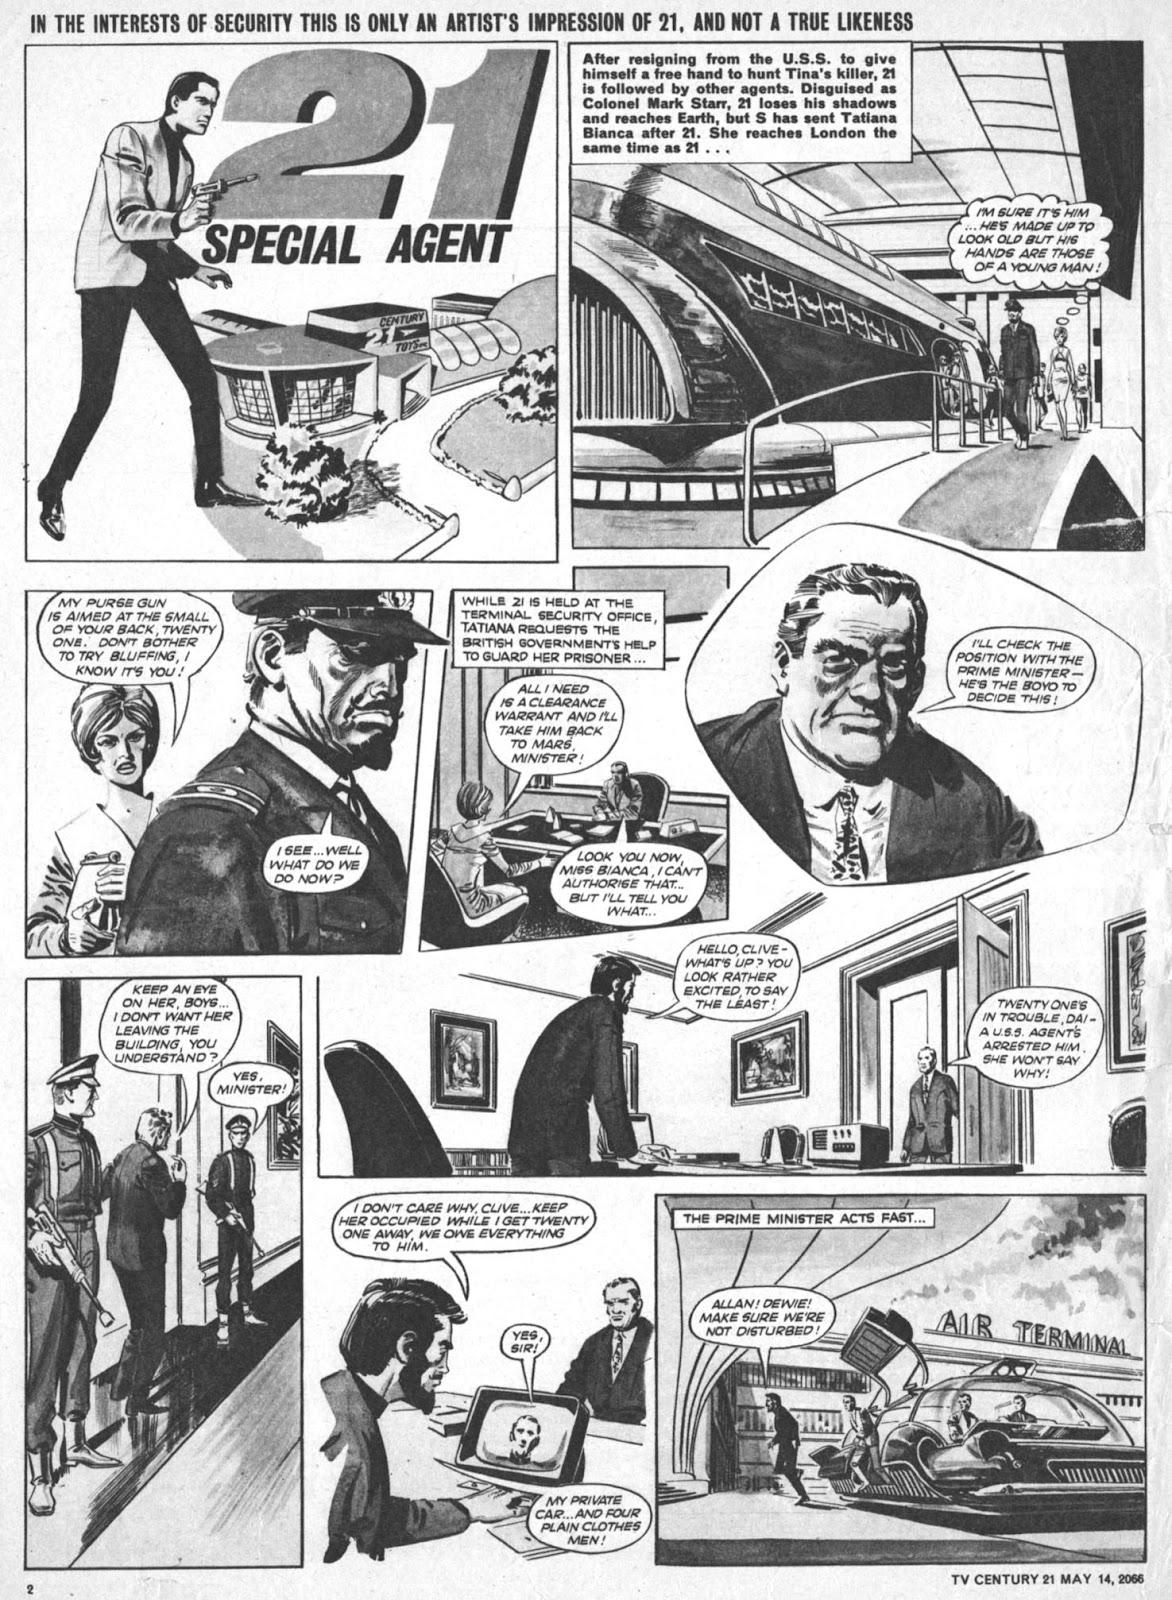 TV Century 21 (TV 21) 69 Page 2